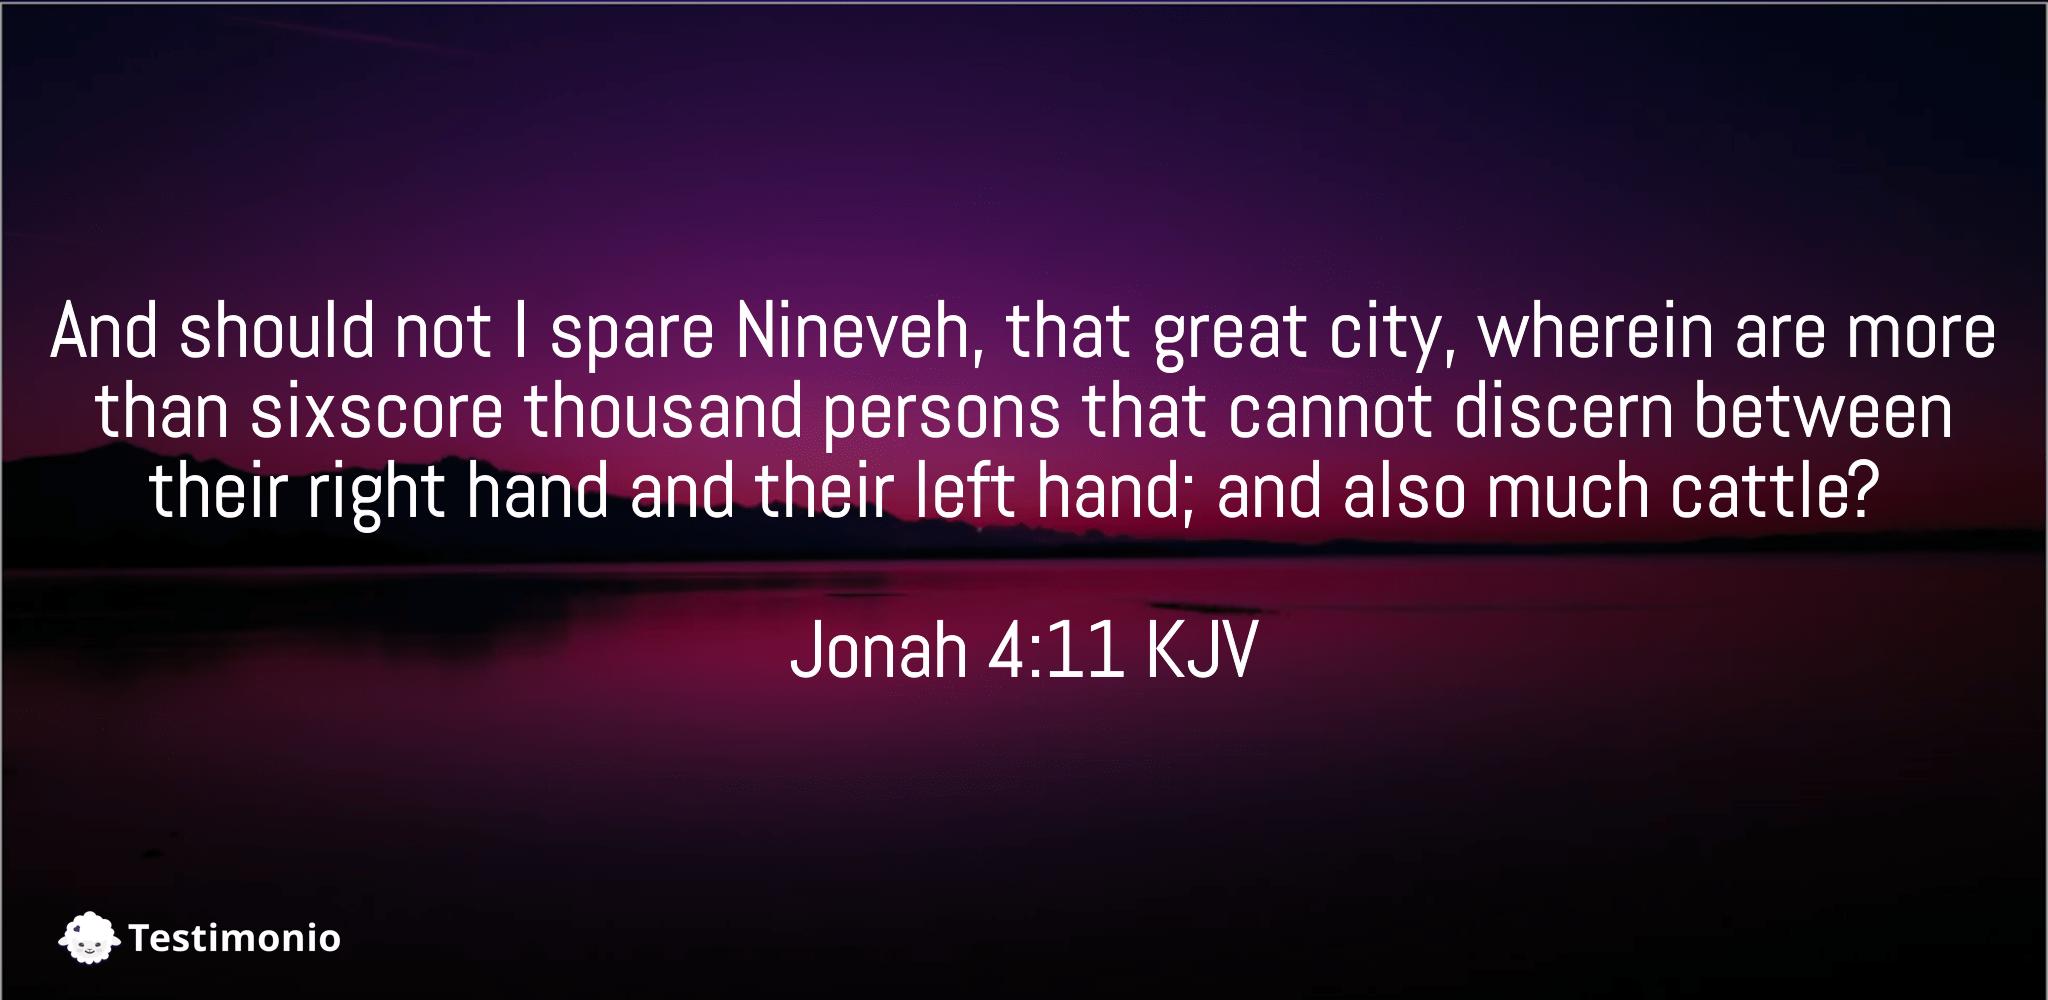 Jonah 4:11